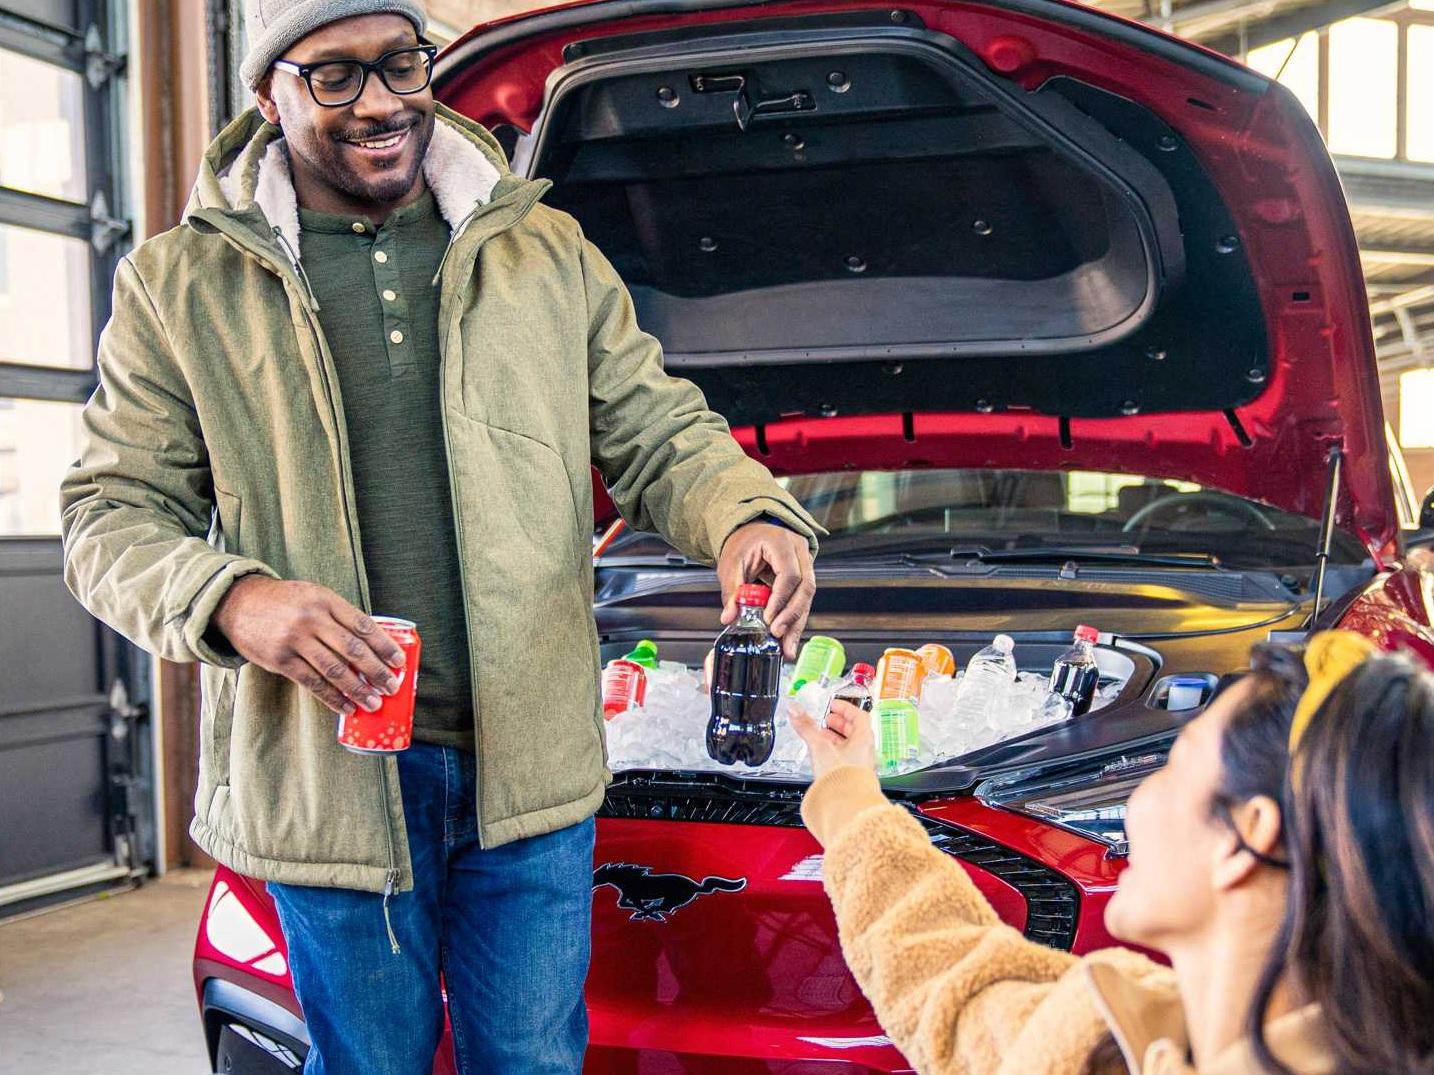 Из нового электрокроссовера Ford сделали холодильник на колесах 1